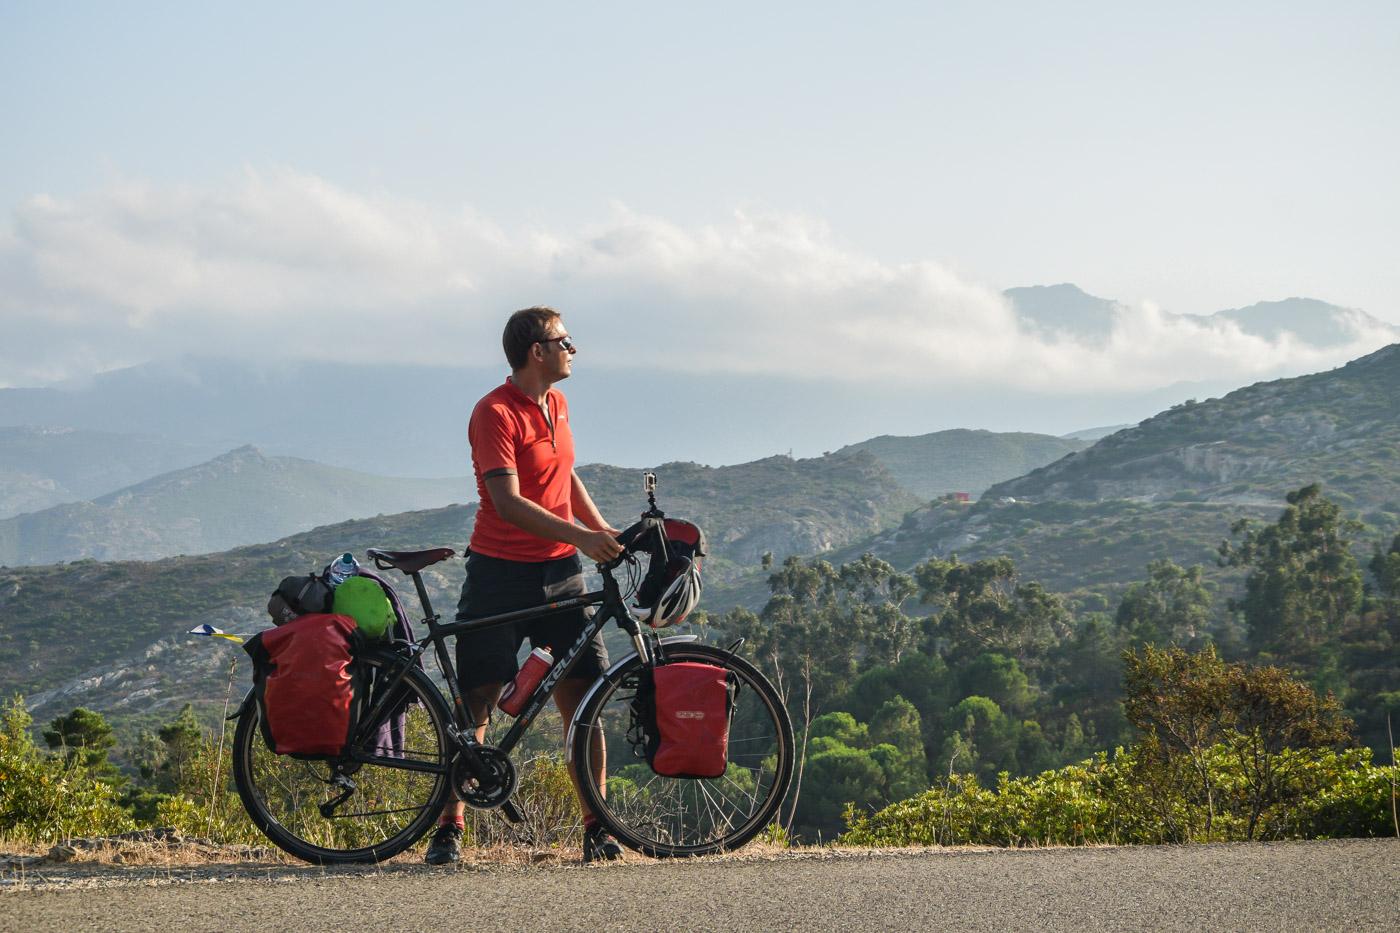 Путешествие на велосипеде по Корсике, Франция - Бастия, Сен-Флоран